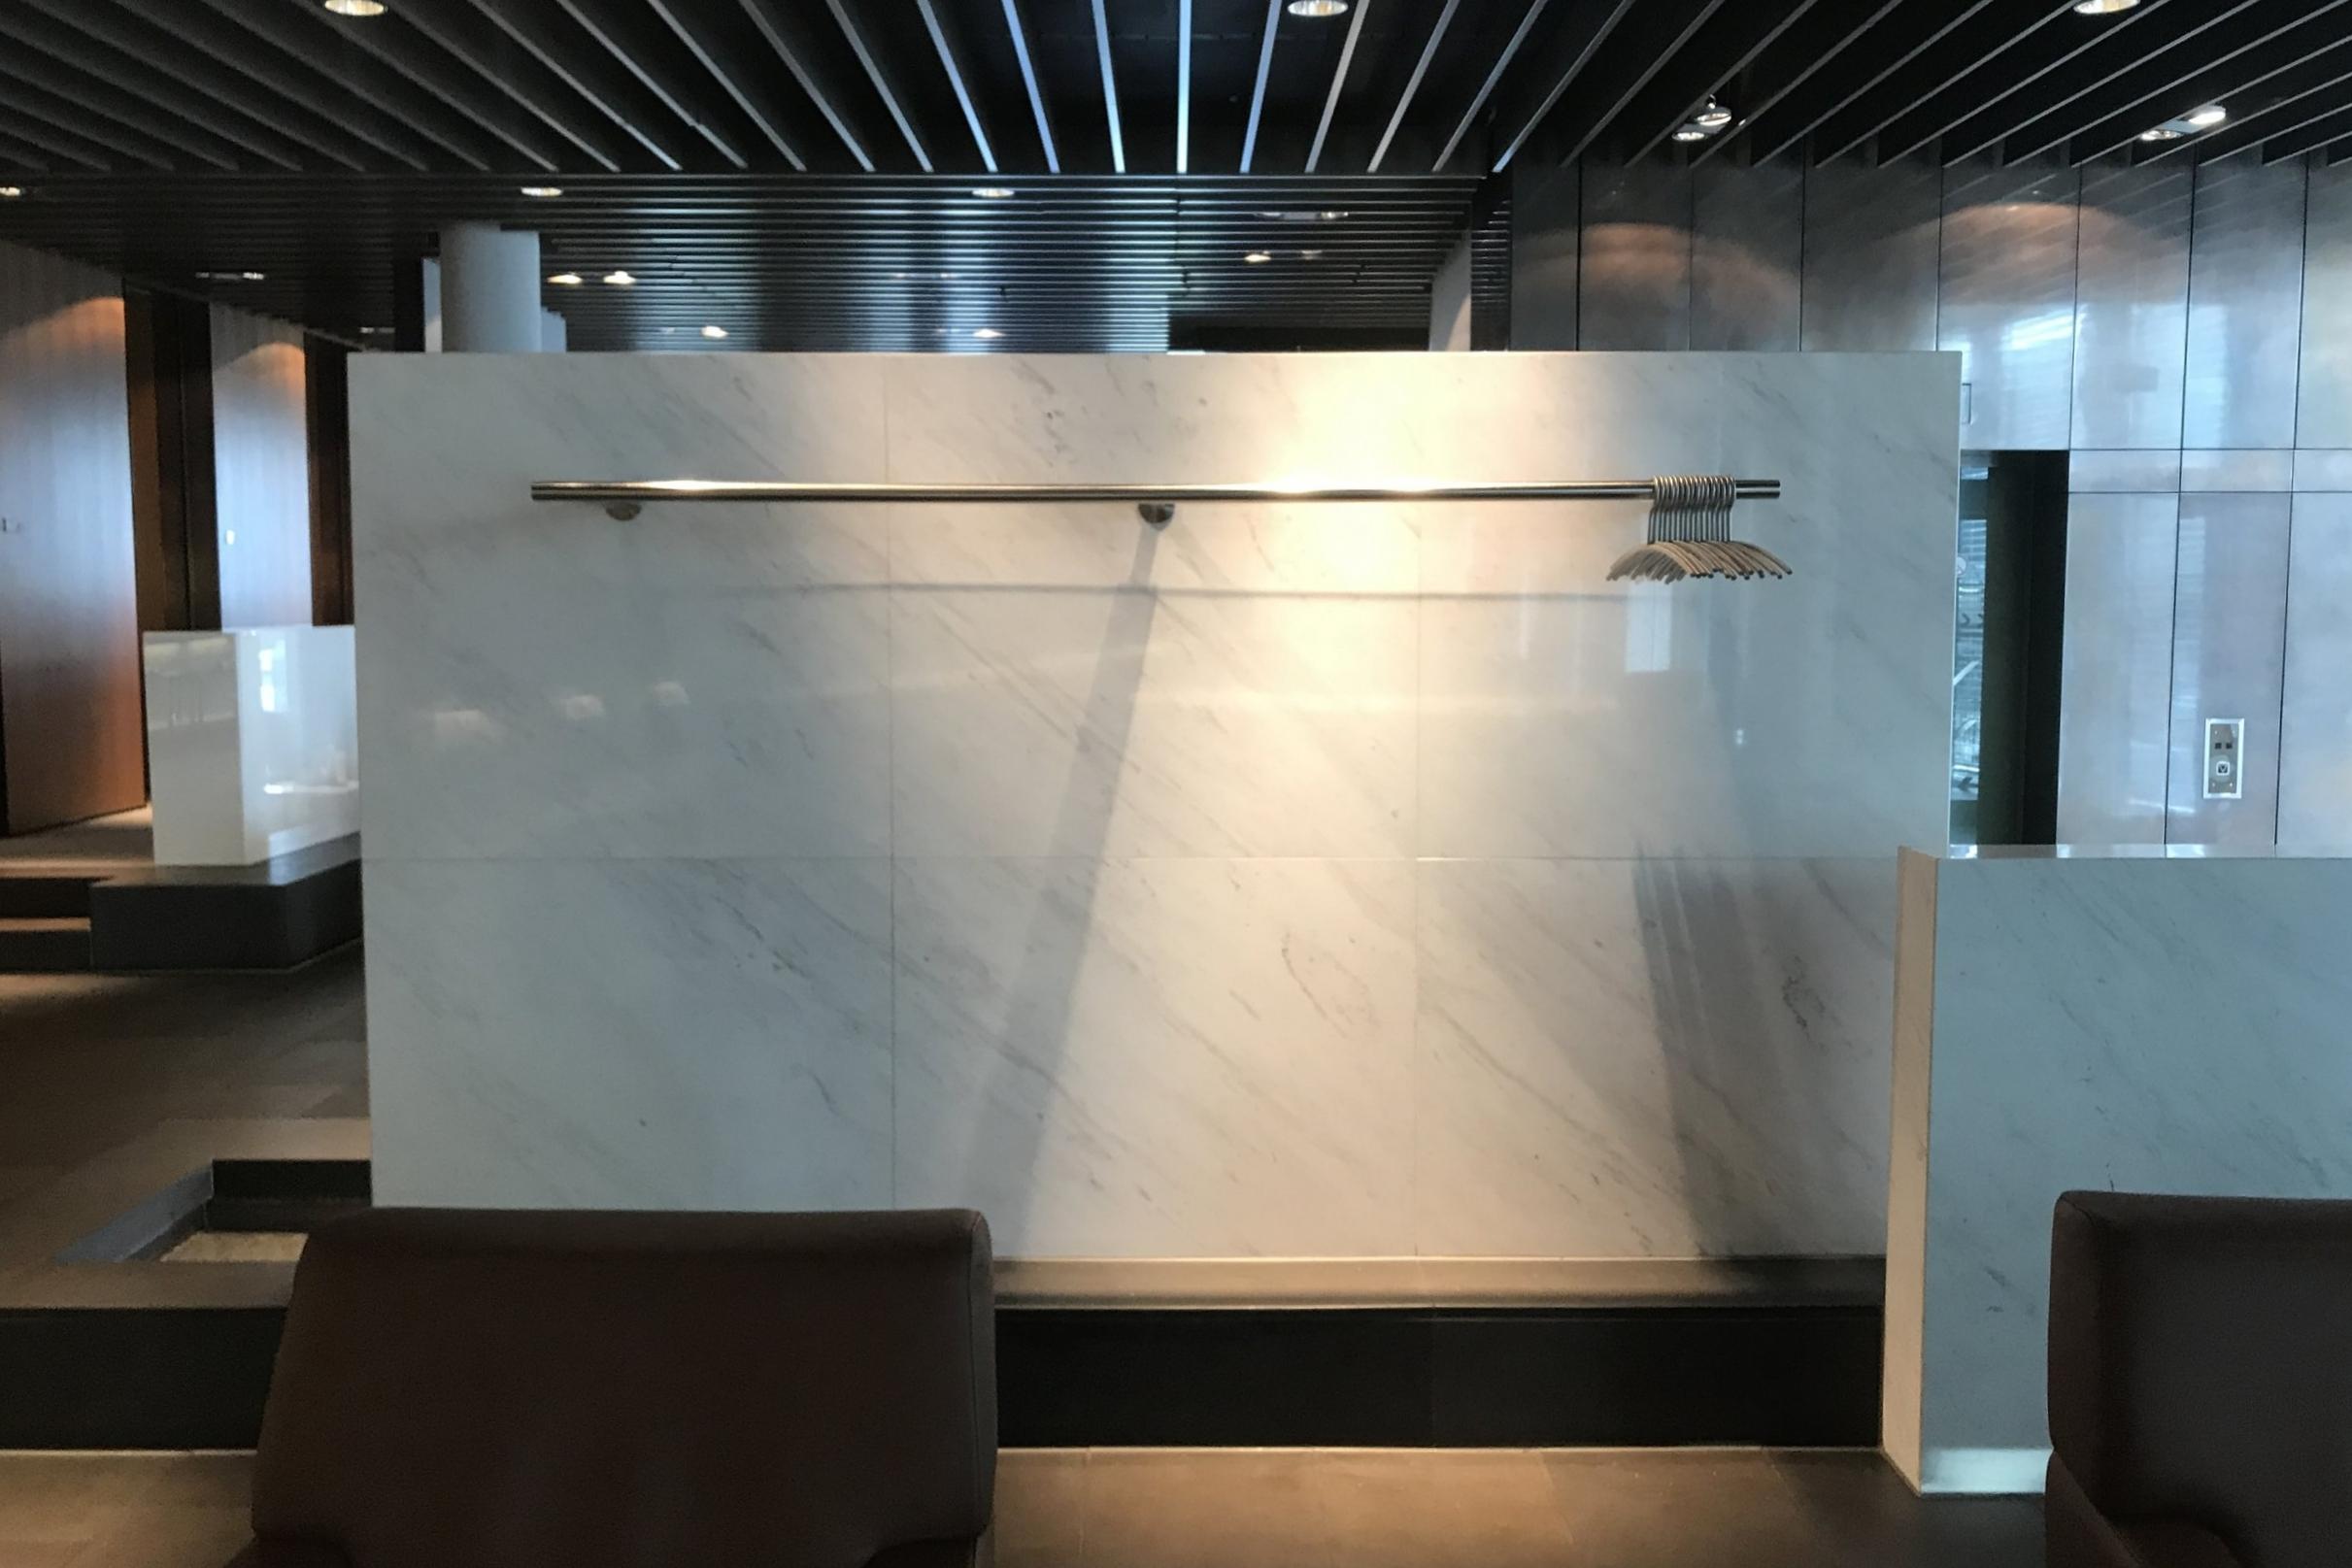 Lufthansa First Class Terminal Frankfurt – Facade